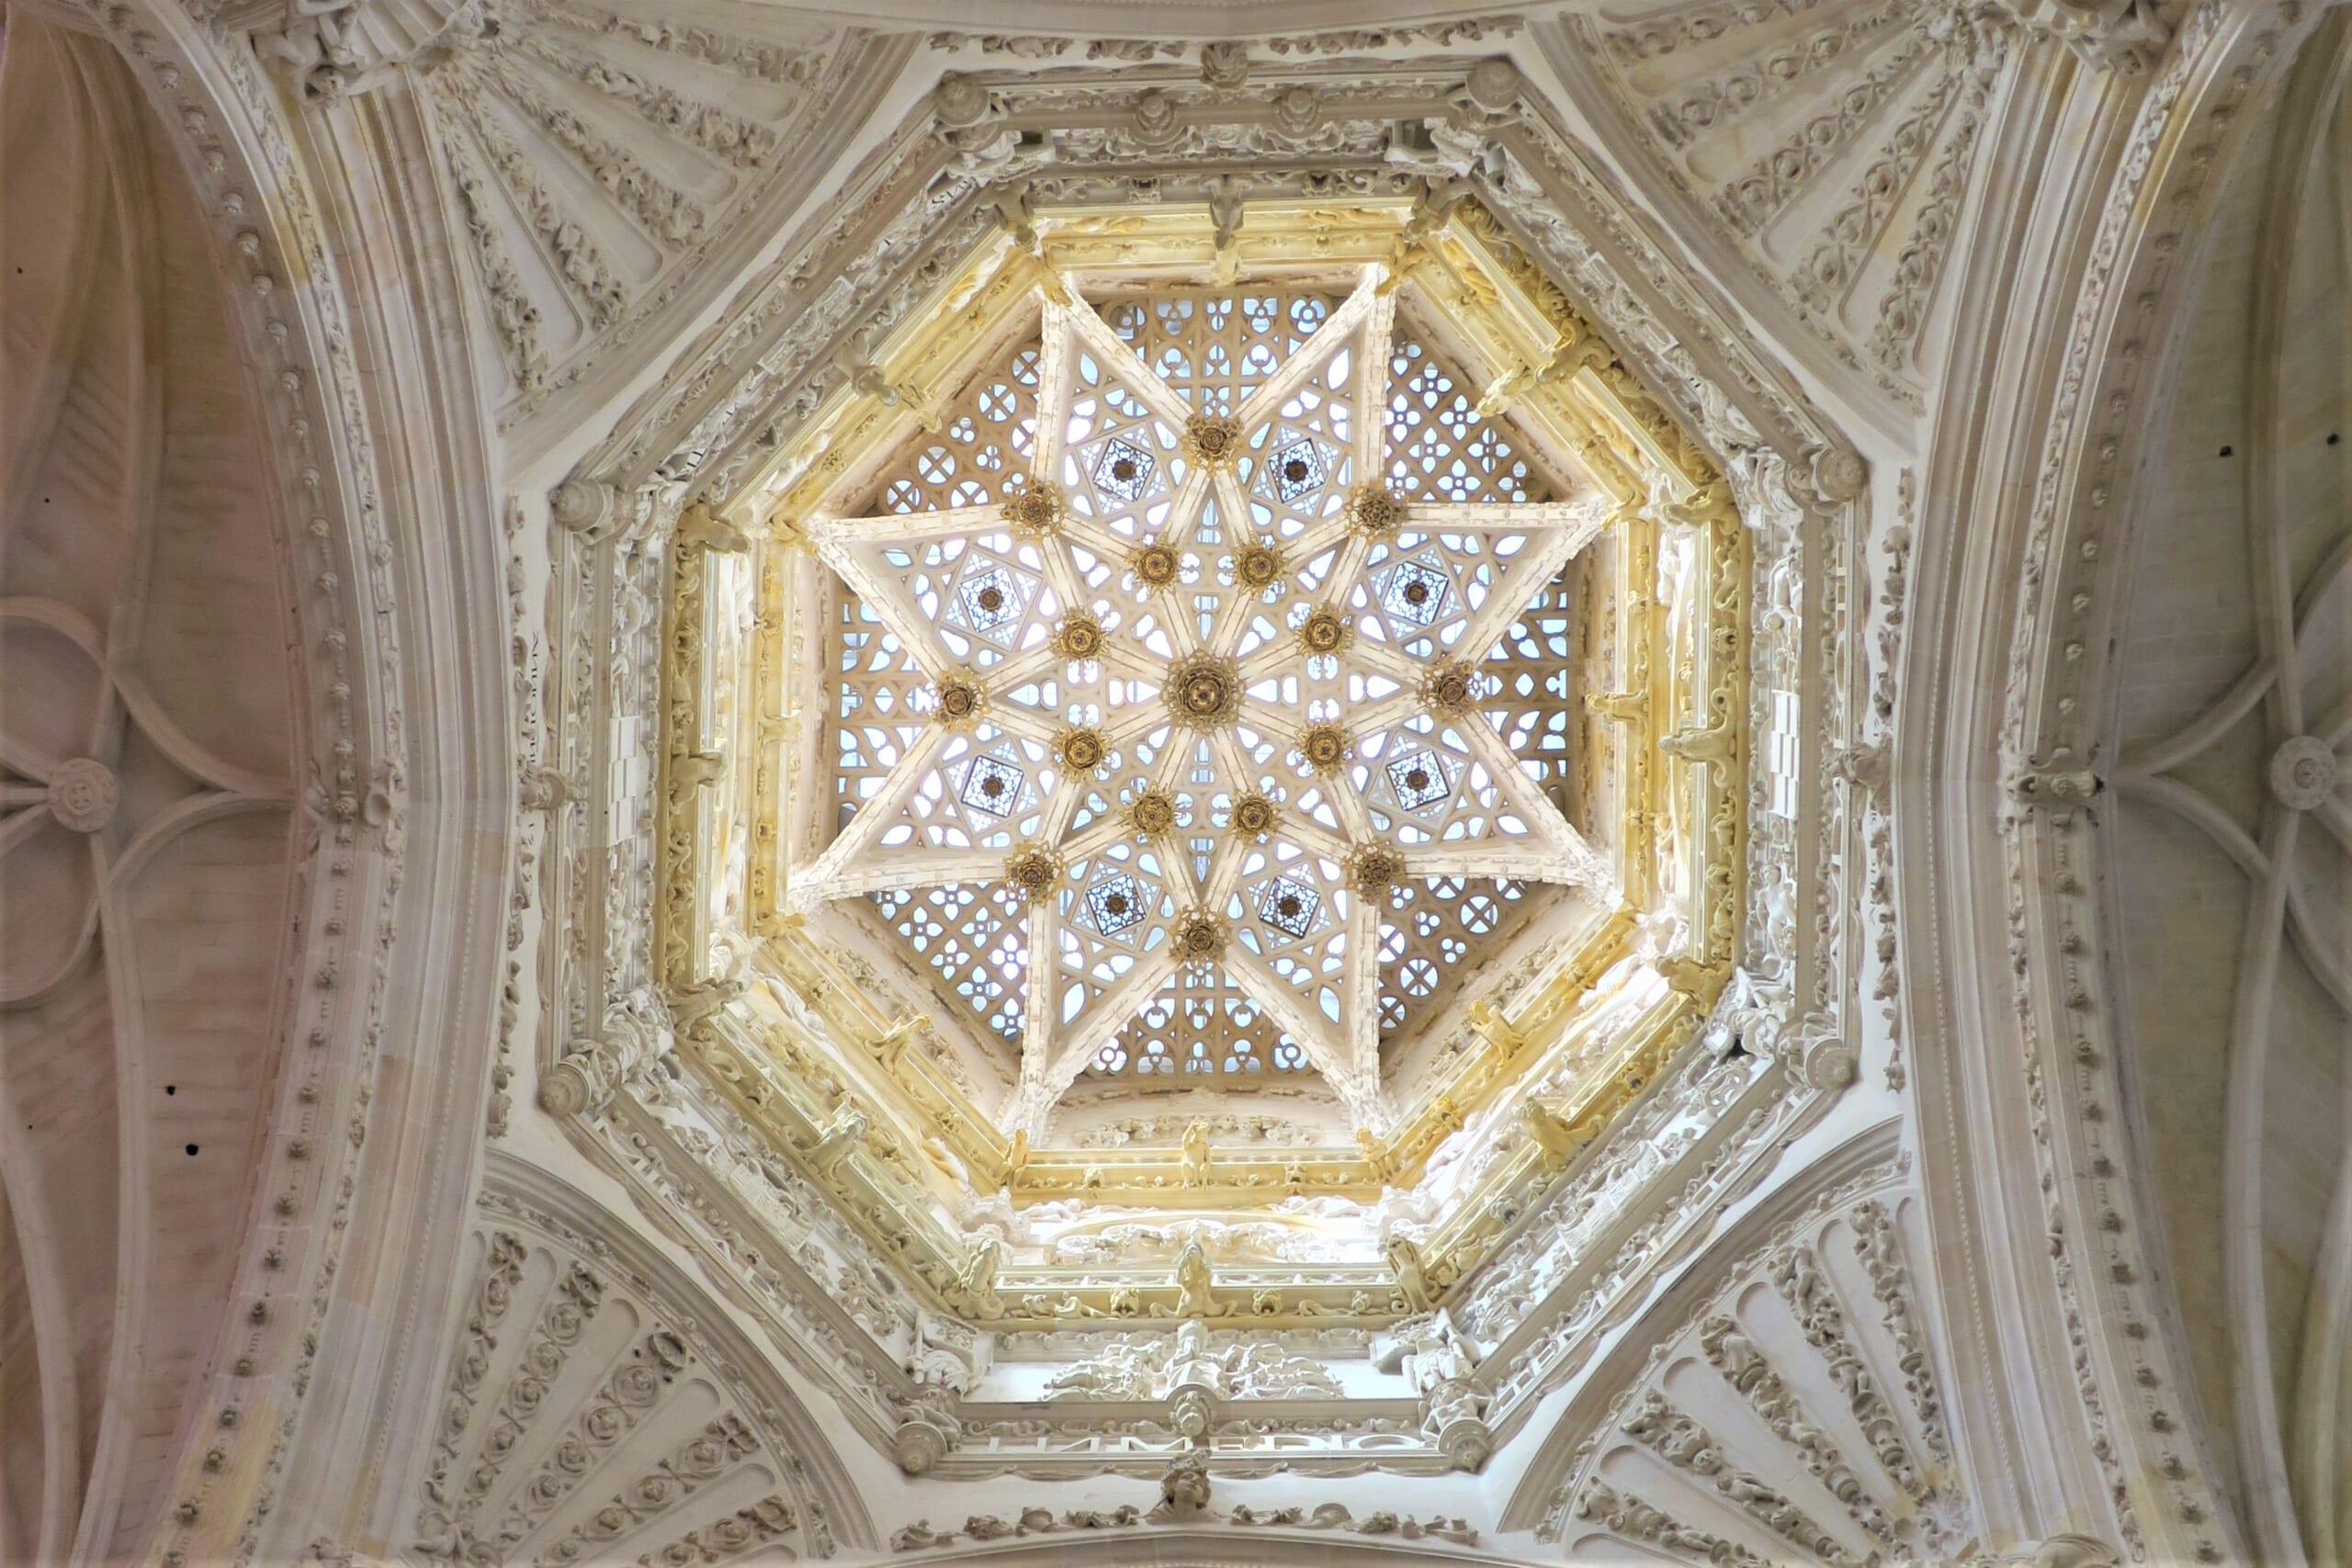 北スペインのサンティアゴ巡礼路の経由地であるブルゴスの大聖堂